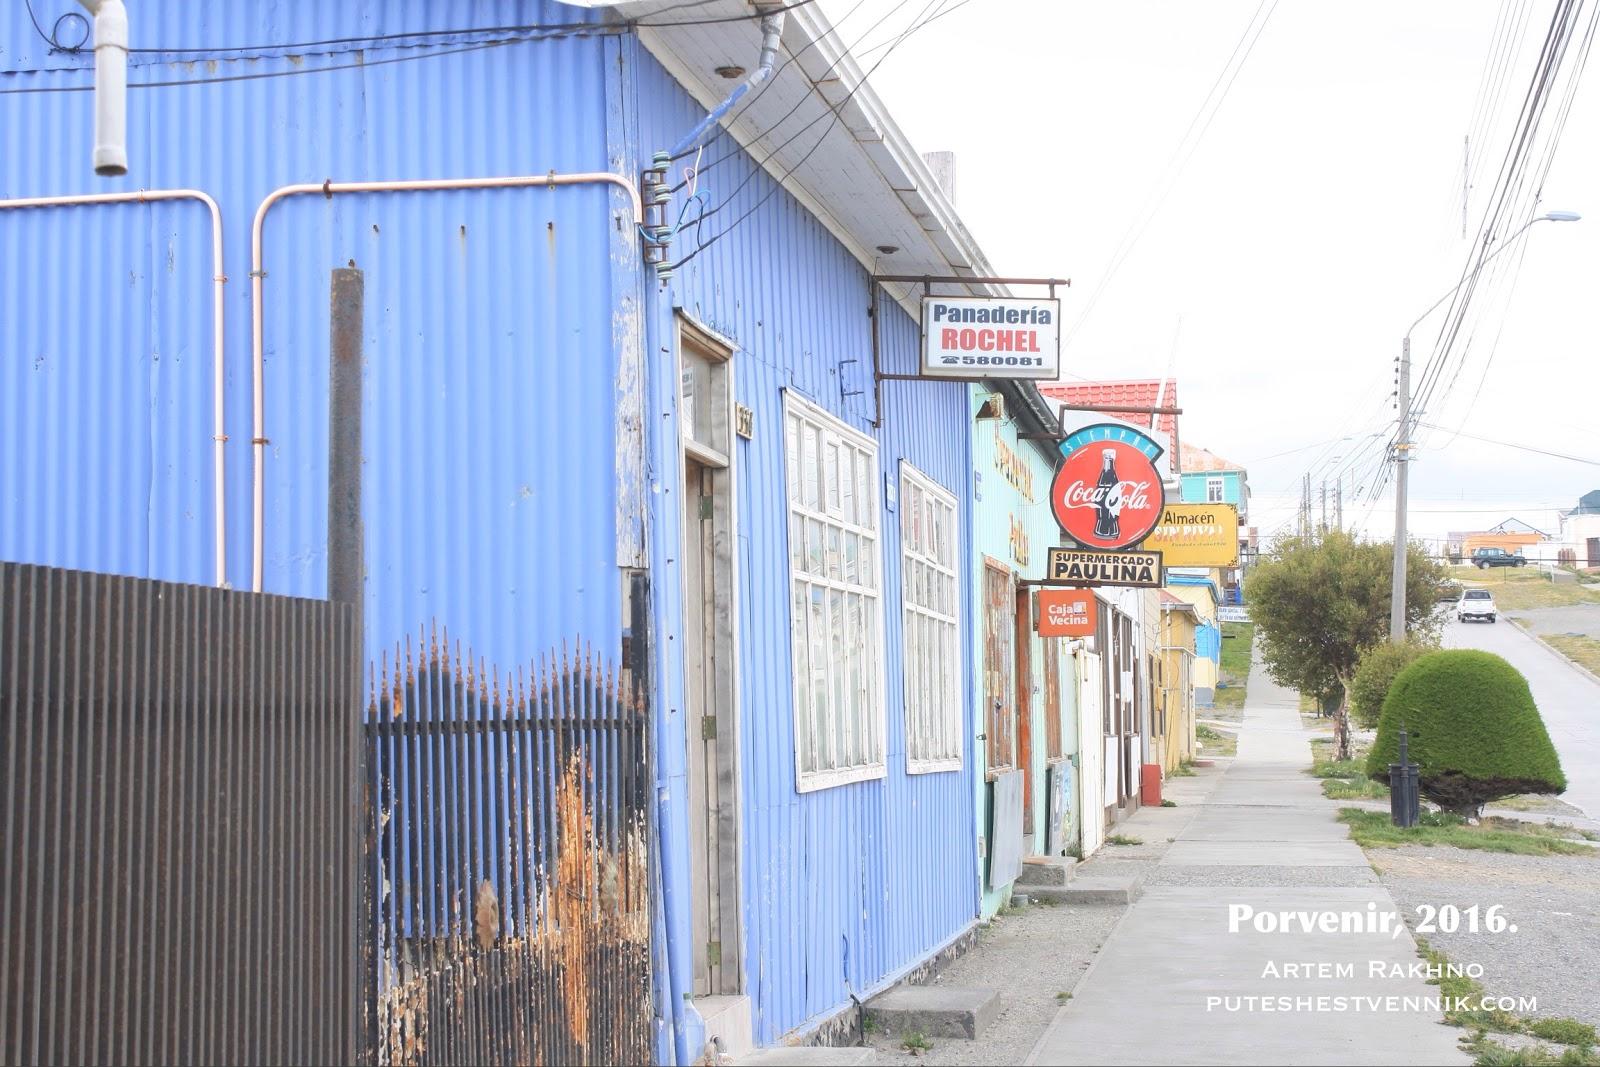 Тротуар с магазинами в Порвенире